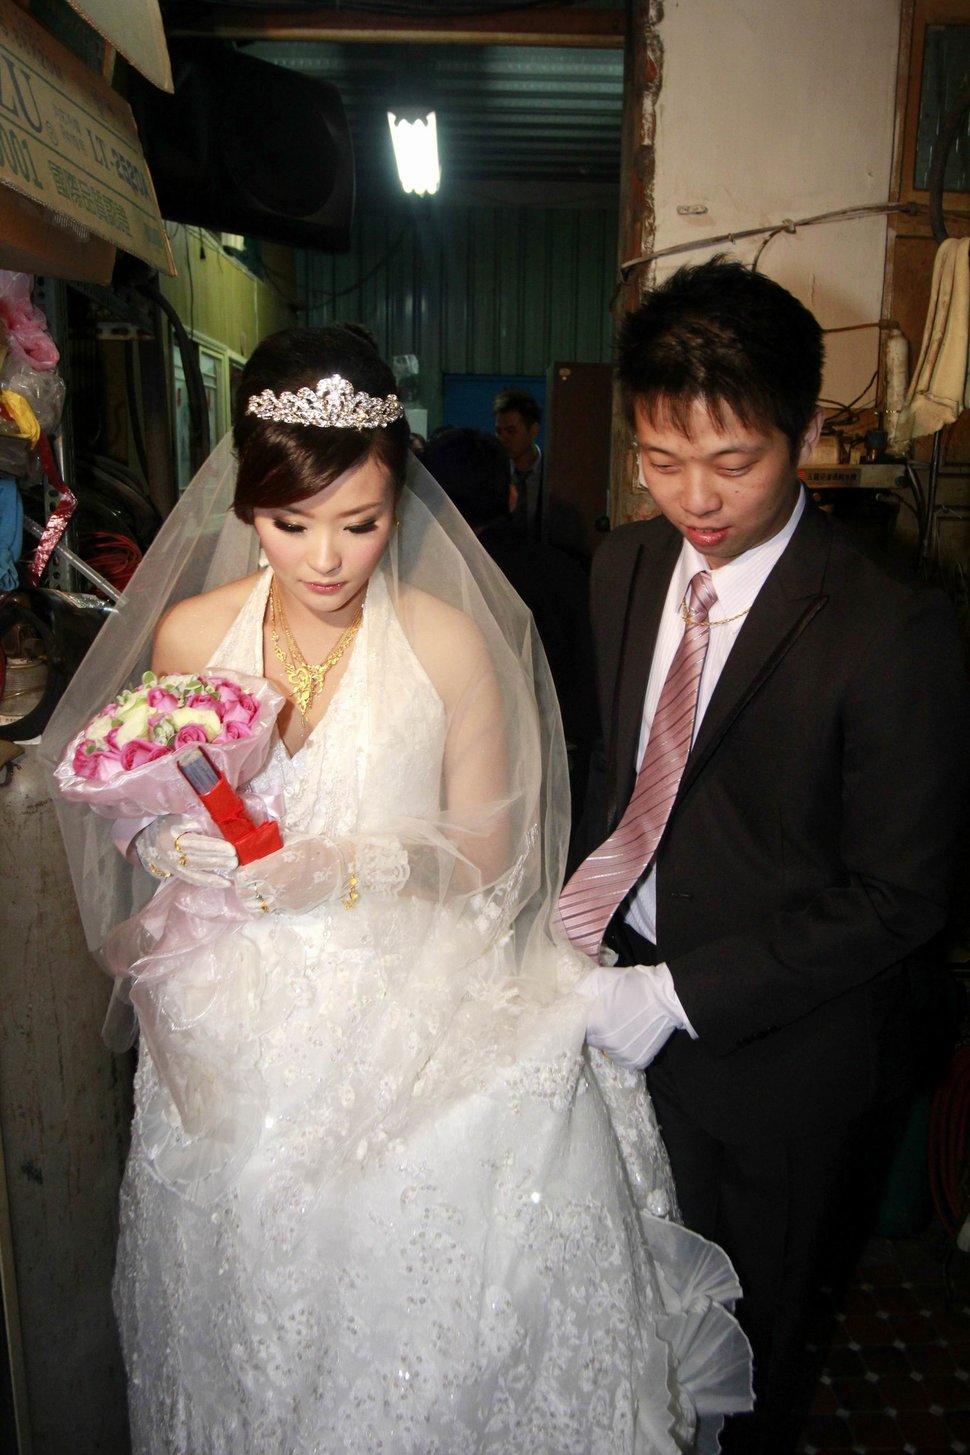 蜜月婚攝新莊美食喜相逢餐廳會館結婚迎娶儀式晚宴婚禮記錄動態微電影錄影專業錄影平面攝影婚攝婚禮主持人(編號:270467) - 蜜月拍照10800錄影12800攝影團隊 - 結婚吧